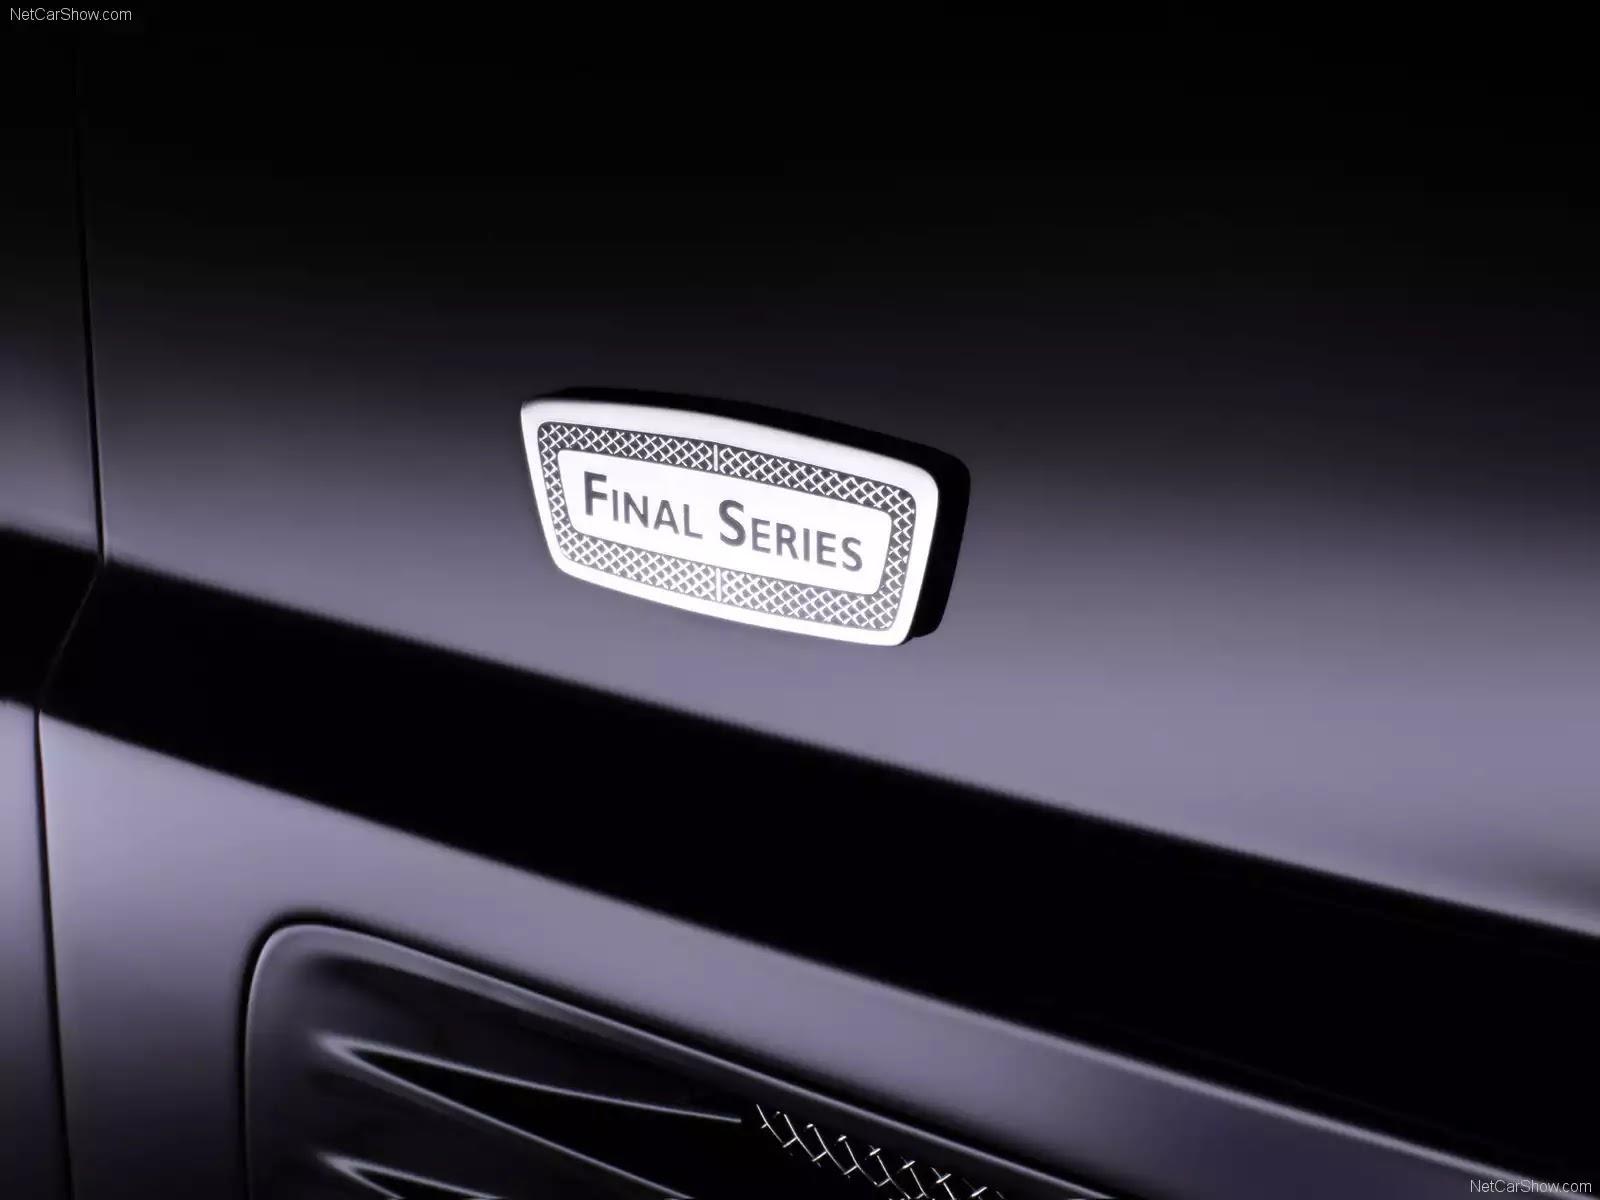 Hình ảnh xe ô tô Bentley Arnage Final Series 2009 & nội ngoại thất